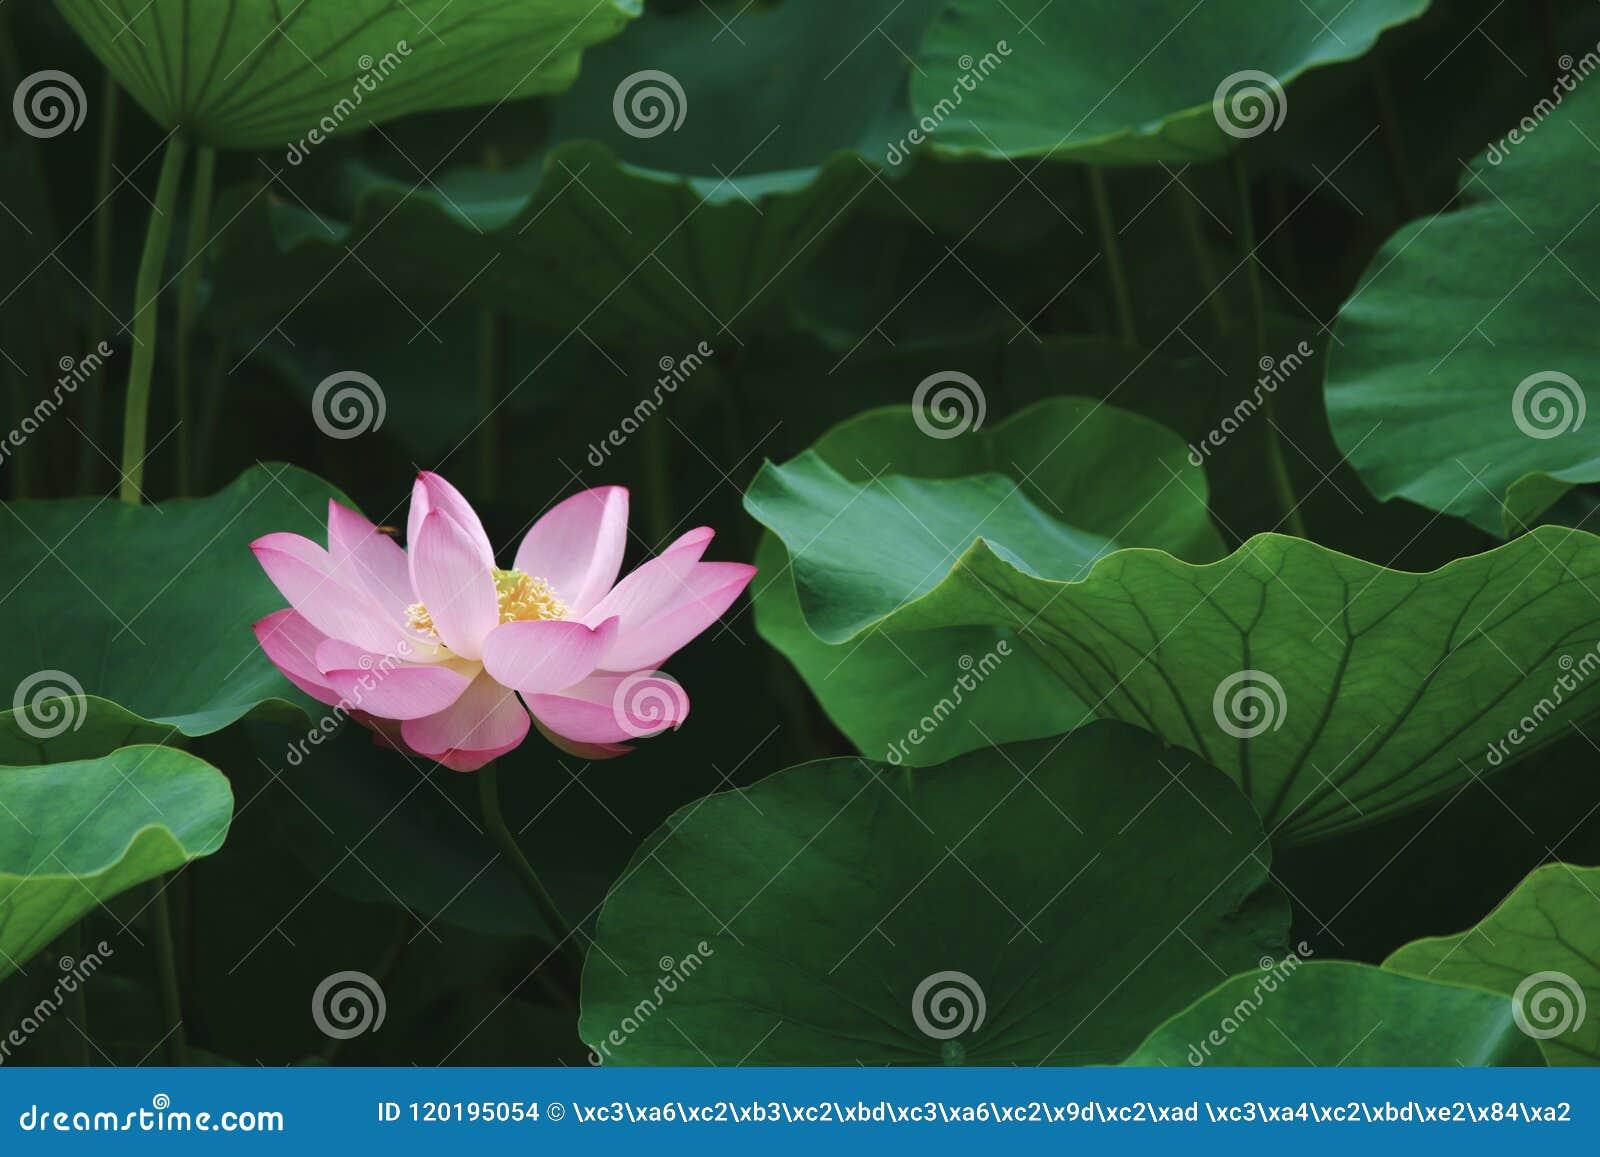 Sleeping beauty like lotus stock photo image of slightly 120195054 sleeping beauty like lotus izmirmasajfo